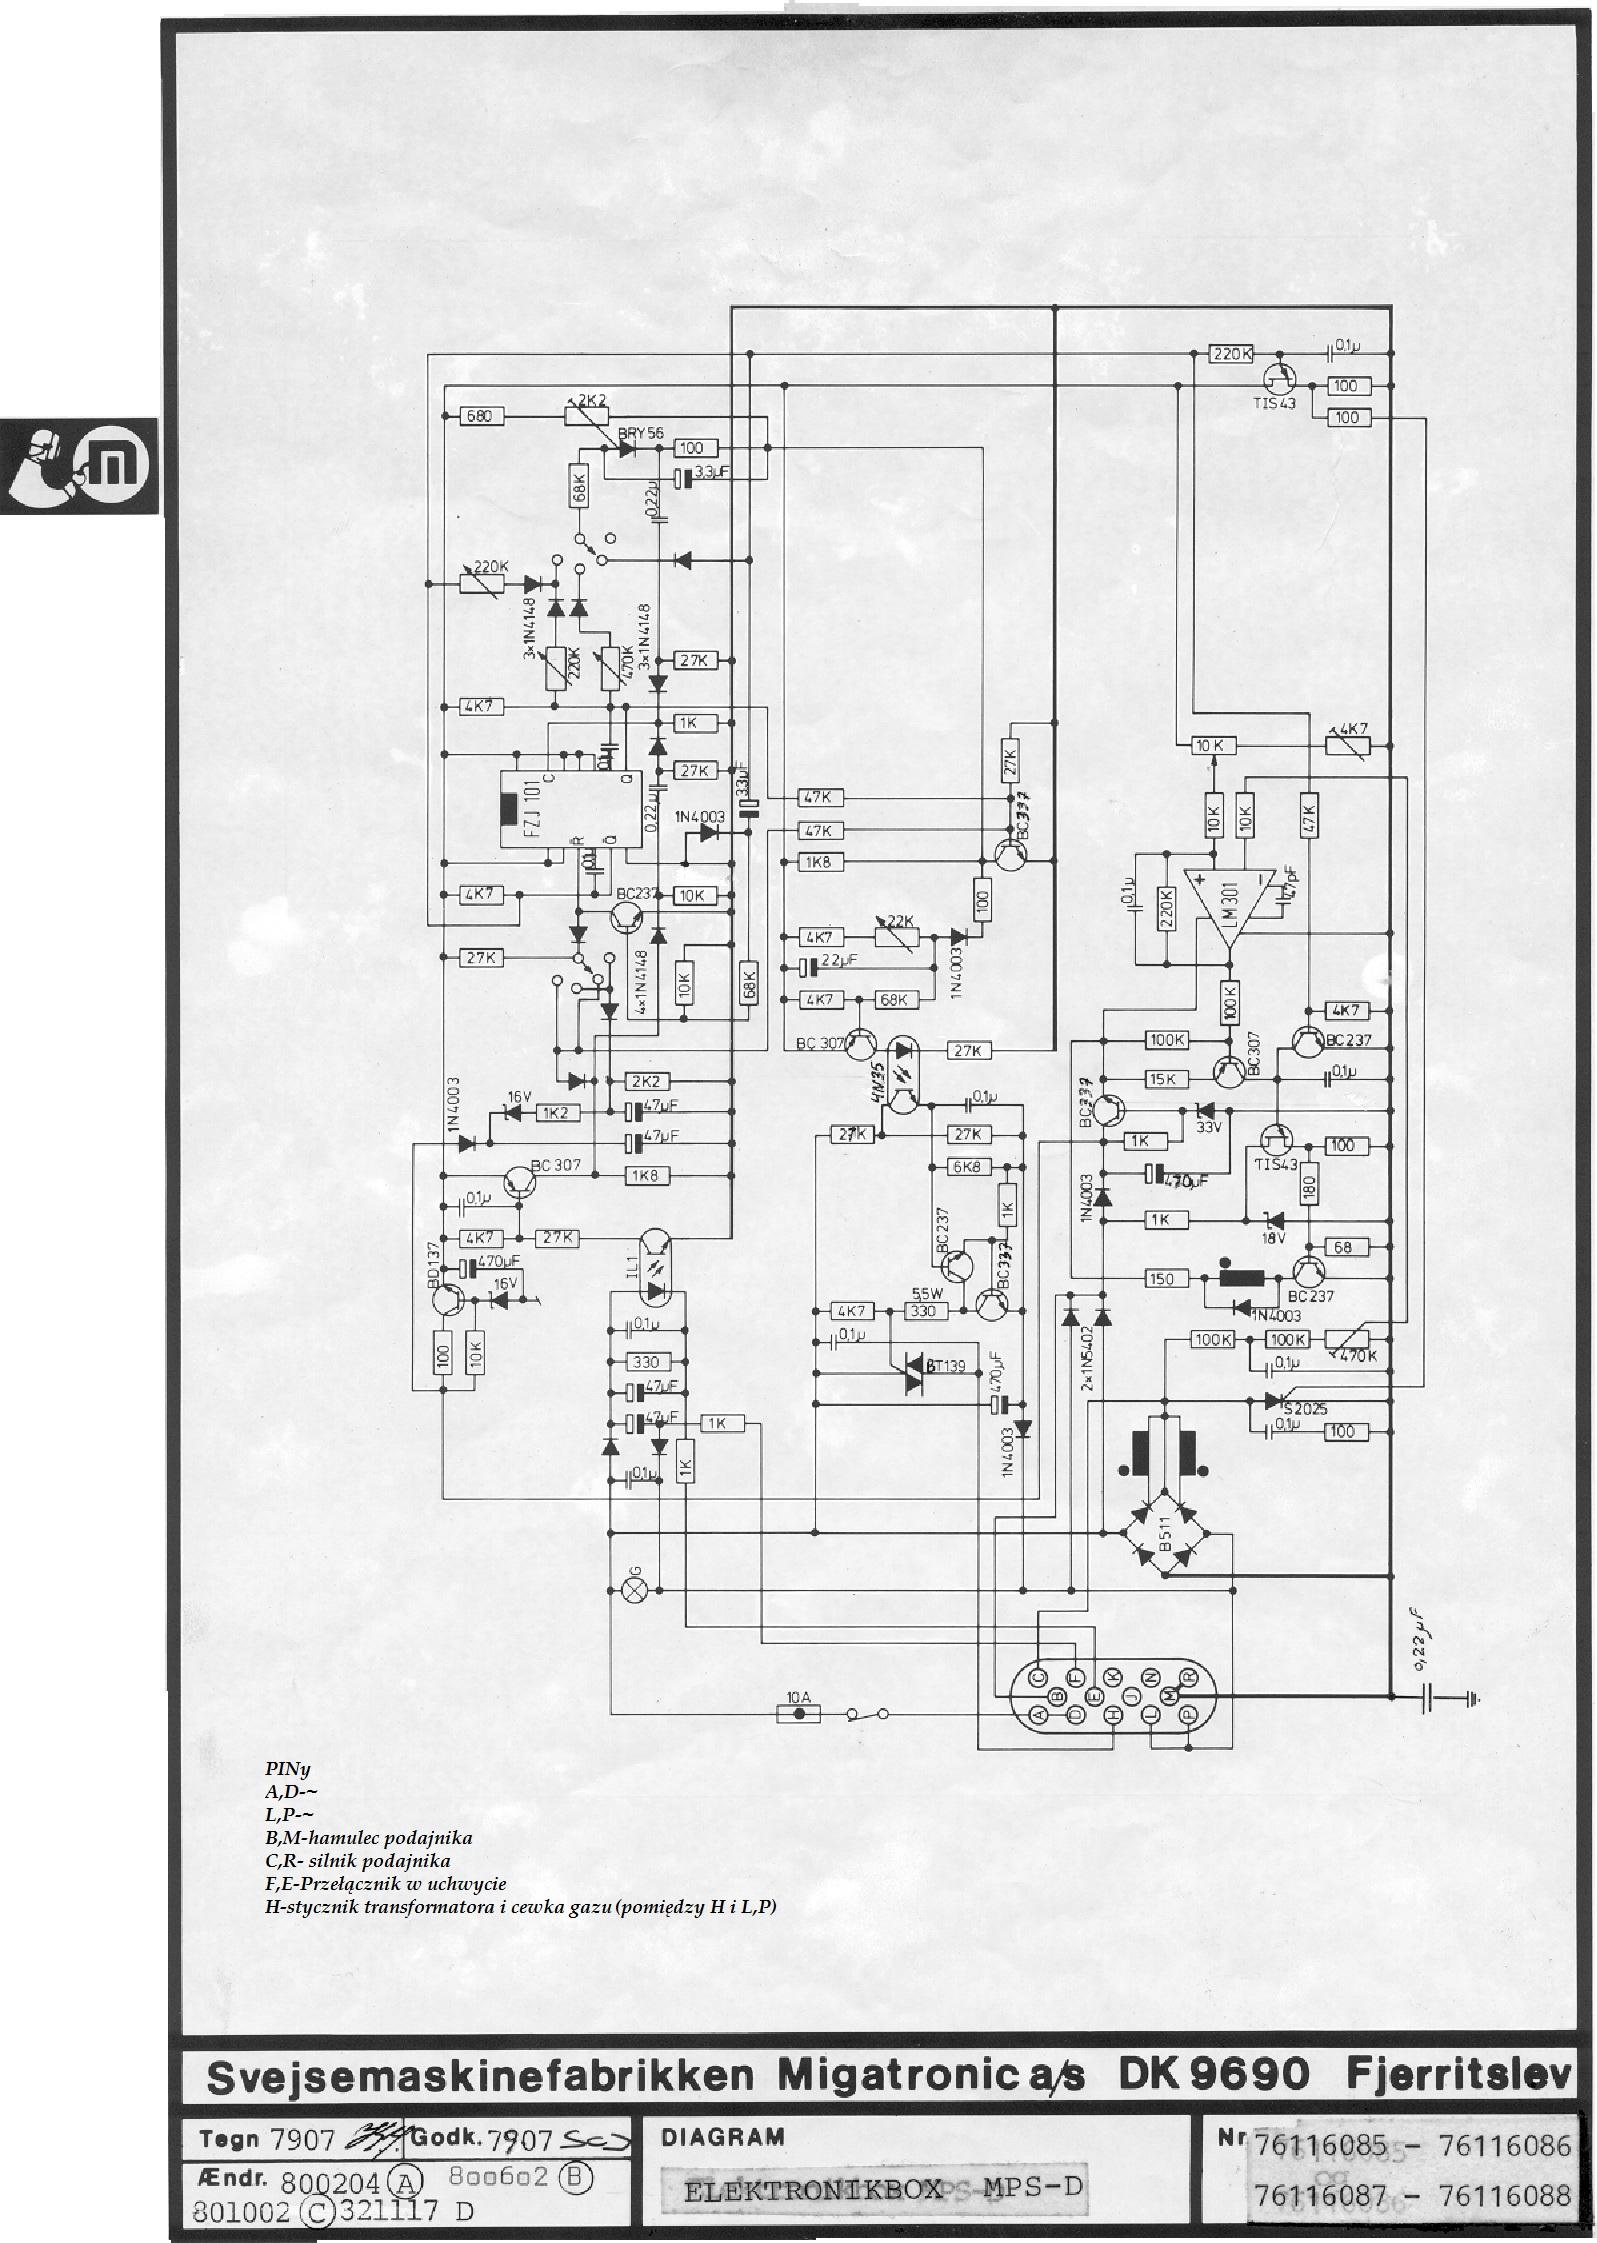 Migatronic compact 160 wysuwa drut od razu po w��czeniu spawarki